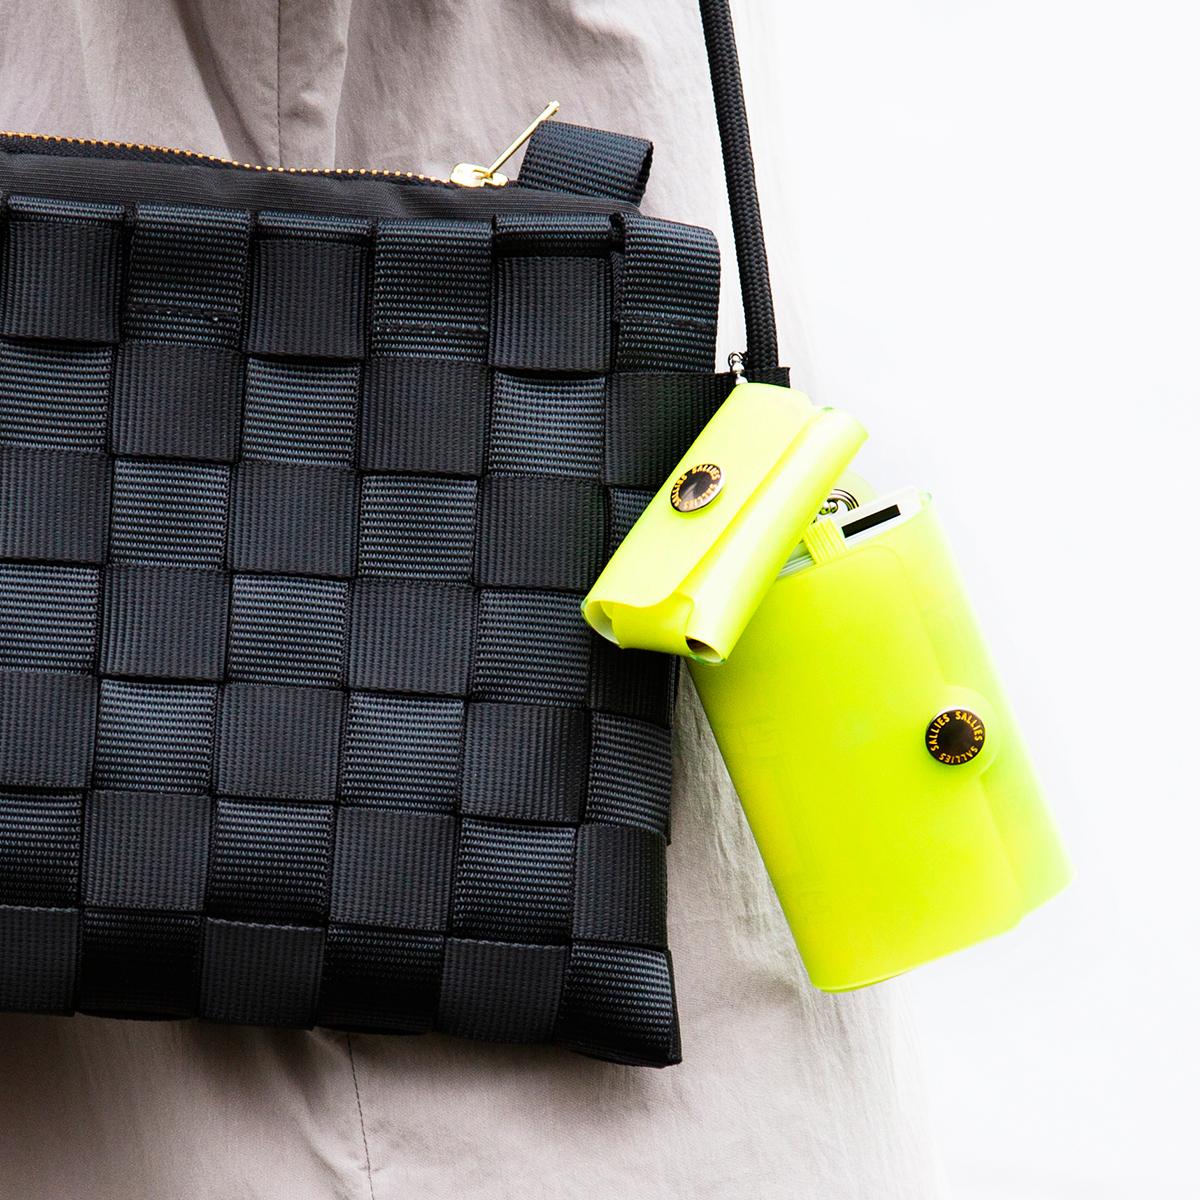 札入れとコインケースは別体で、ボールチェーンによって連結された「親子設計」のカラフルでクリアな「ミニ財布」|SALLIES